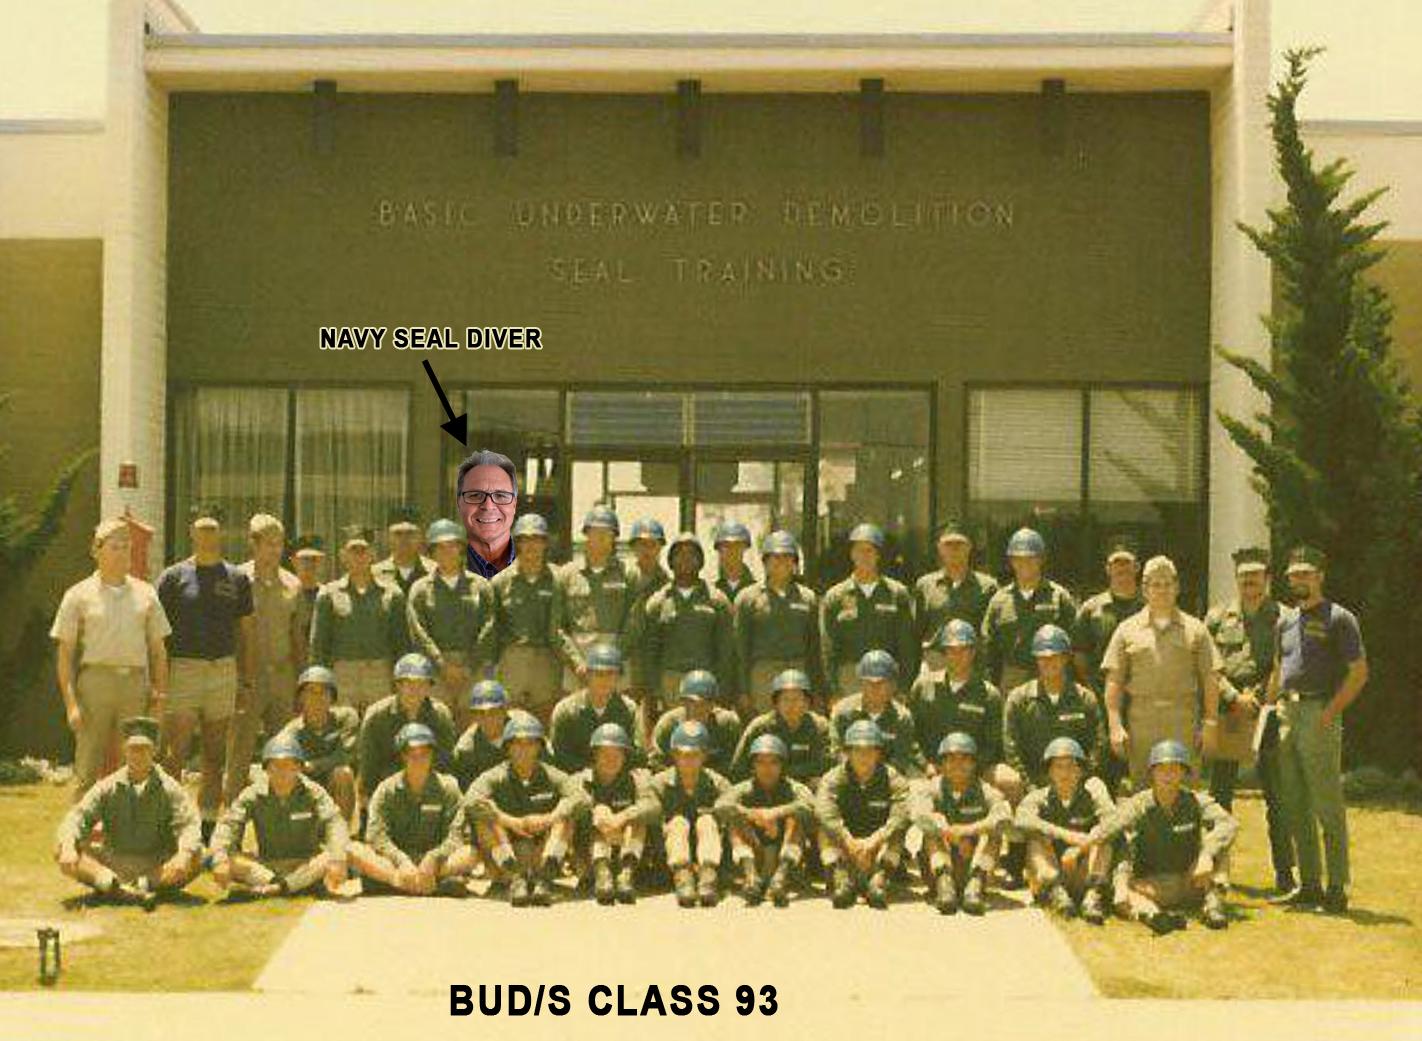 BUDS 93